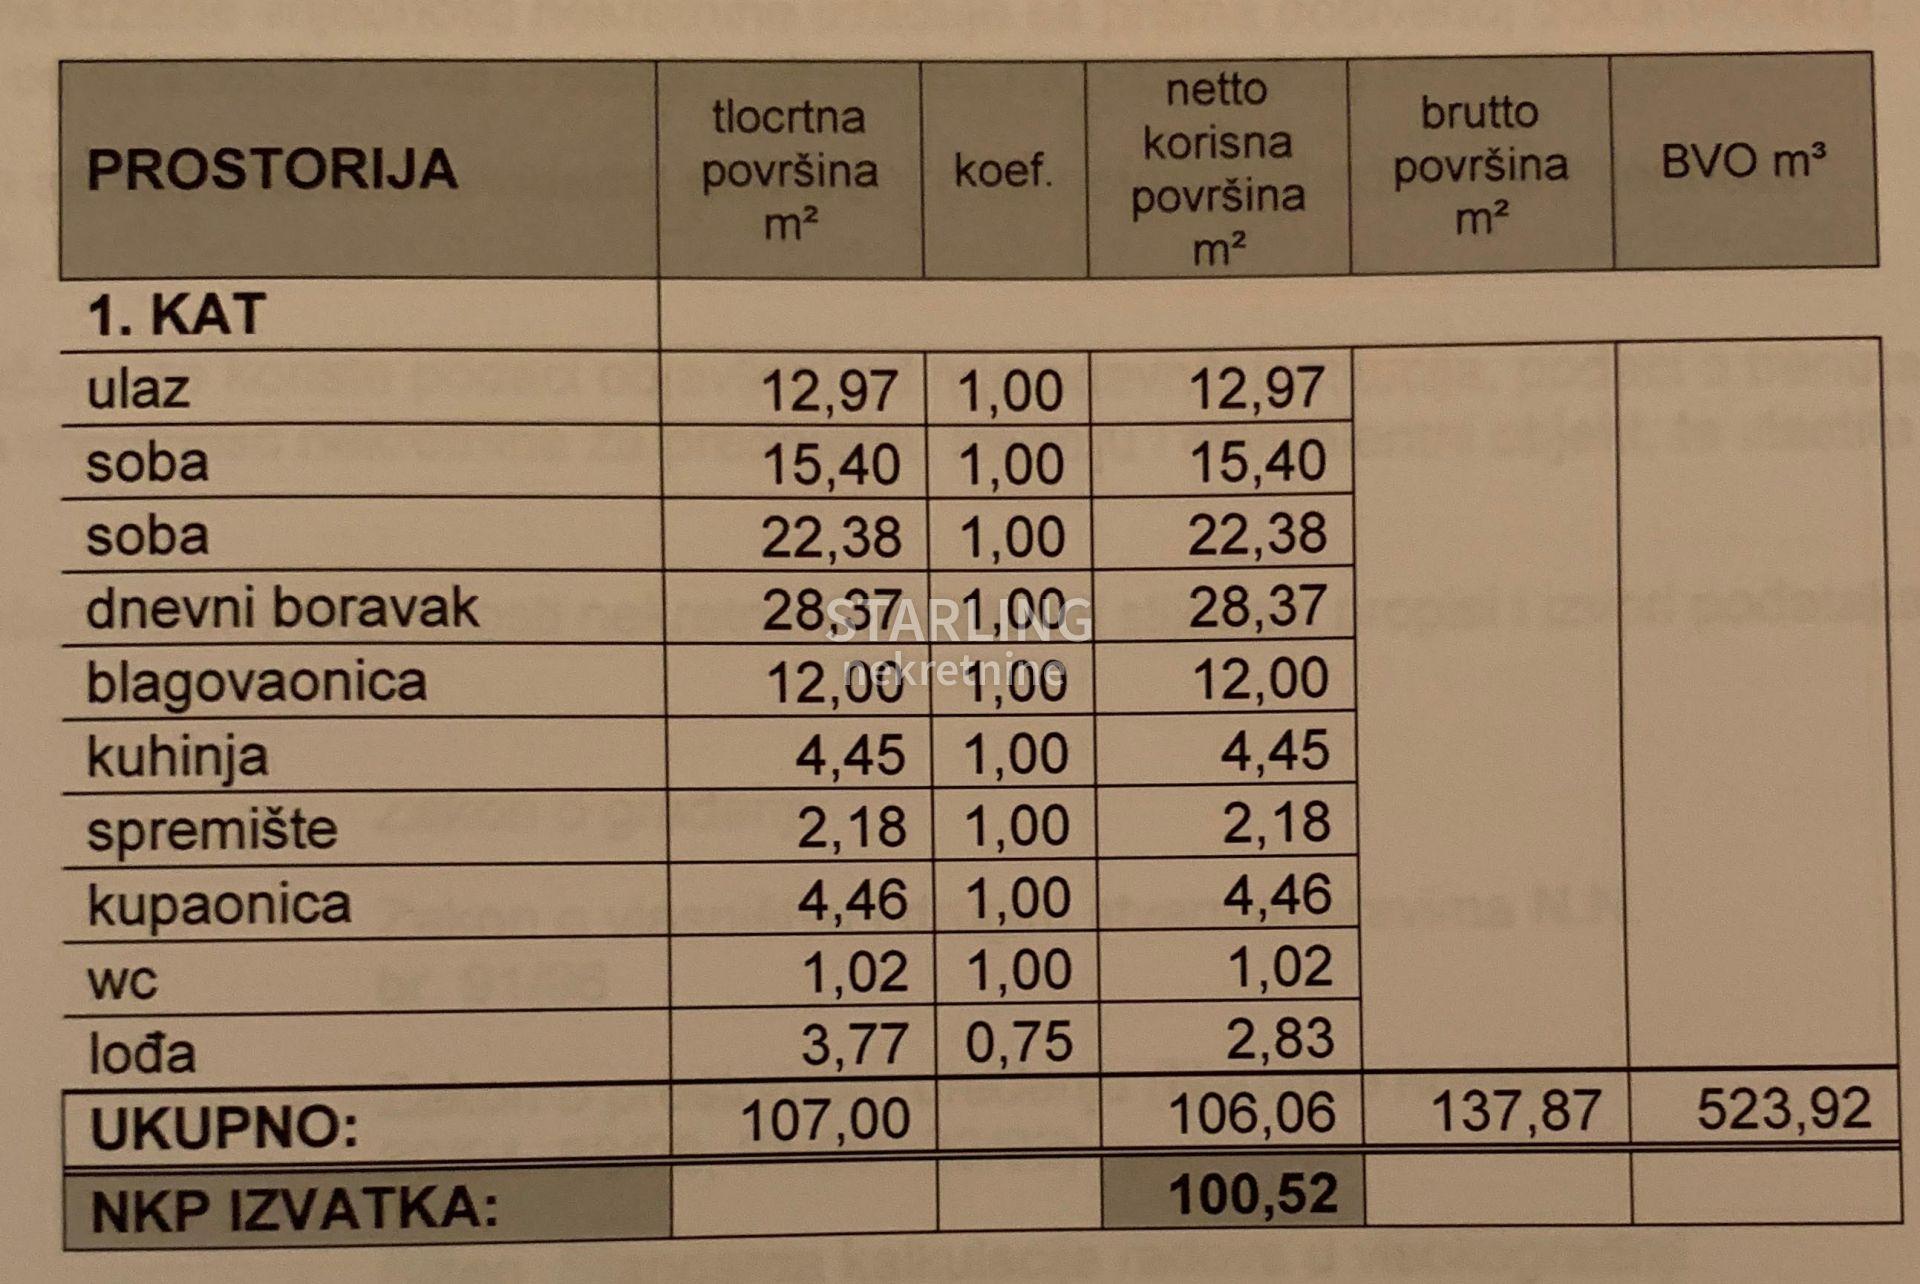 STAN, PRODAJA, ZAGREB, CENTAR, KAČIĆEVA, 106 m2, 3-soban